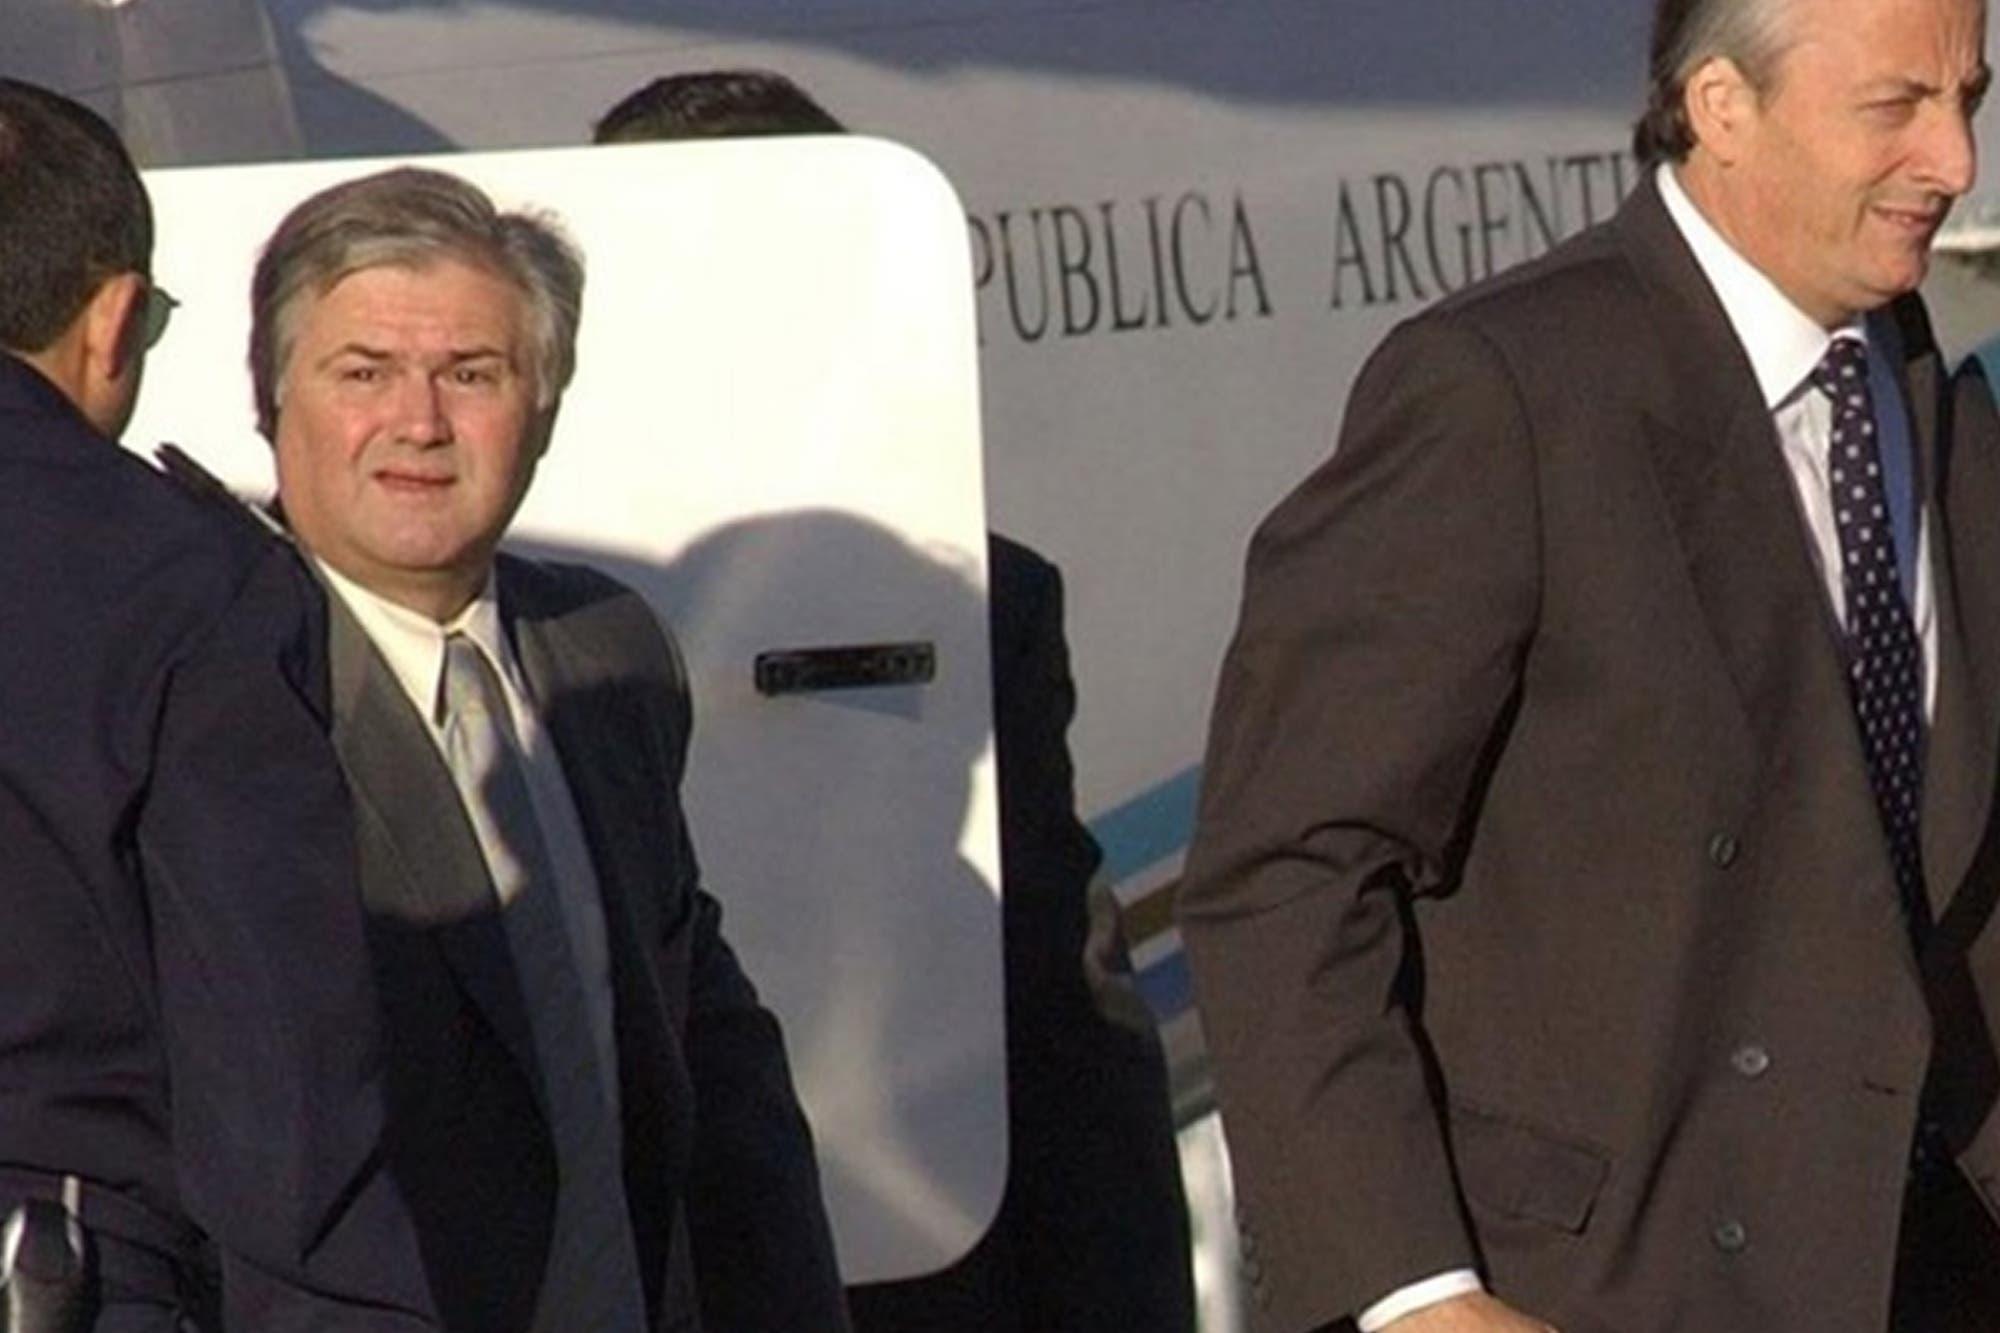 Sobornos: los misteriosos vuelos a Uruguay del secretario privado de Kirchner